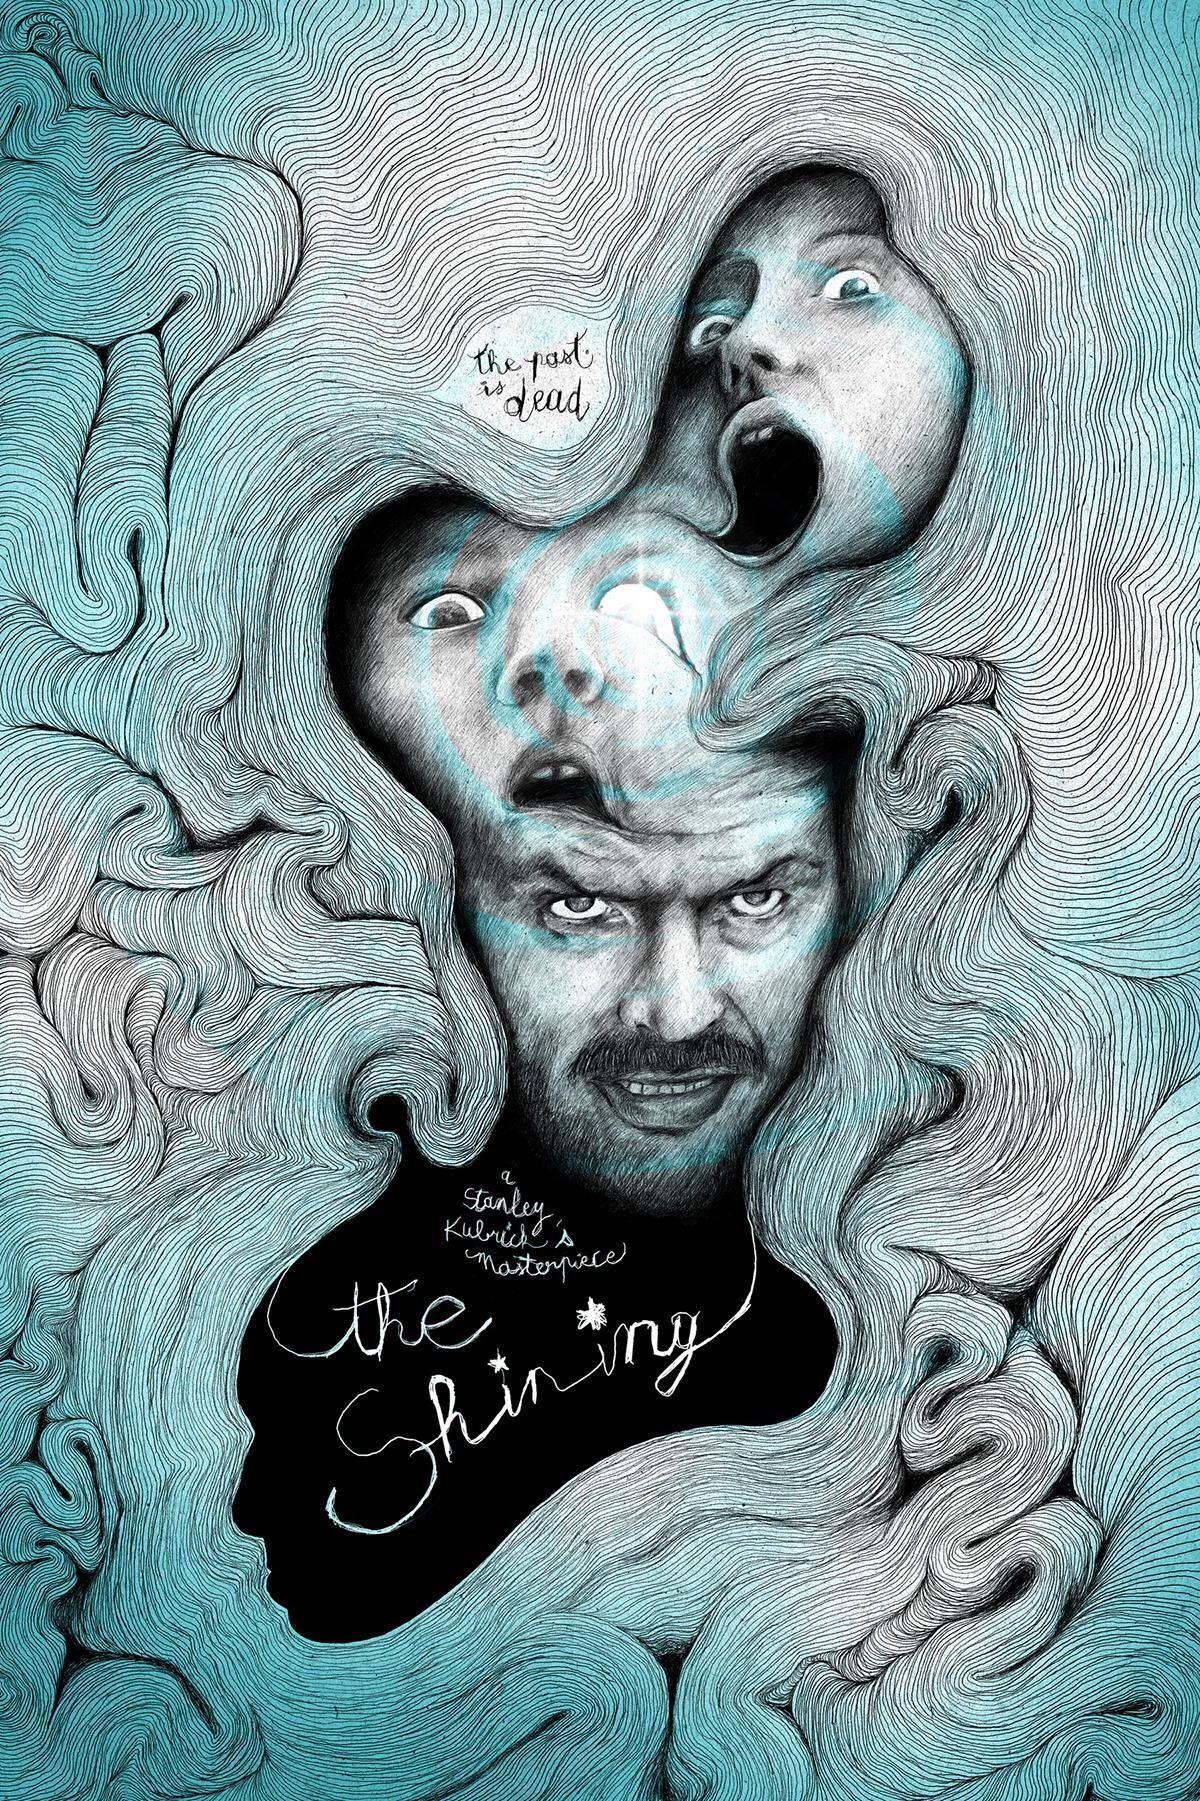 Shining movie fan art find | Film posters art, Movie ...